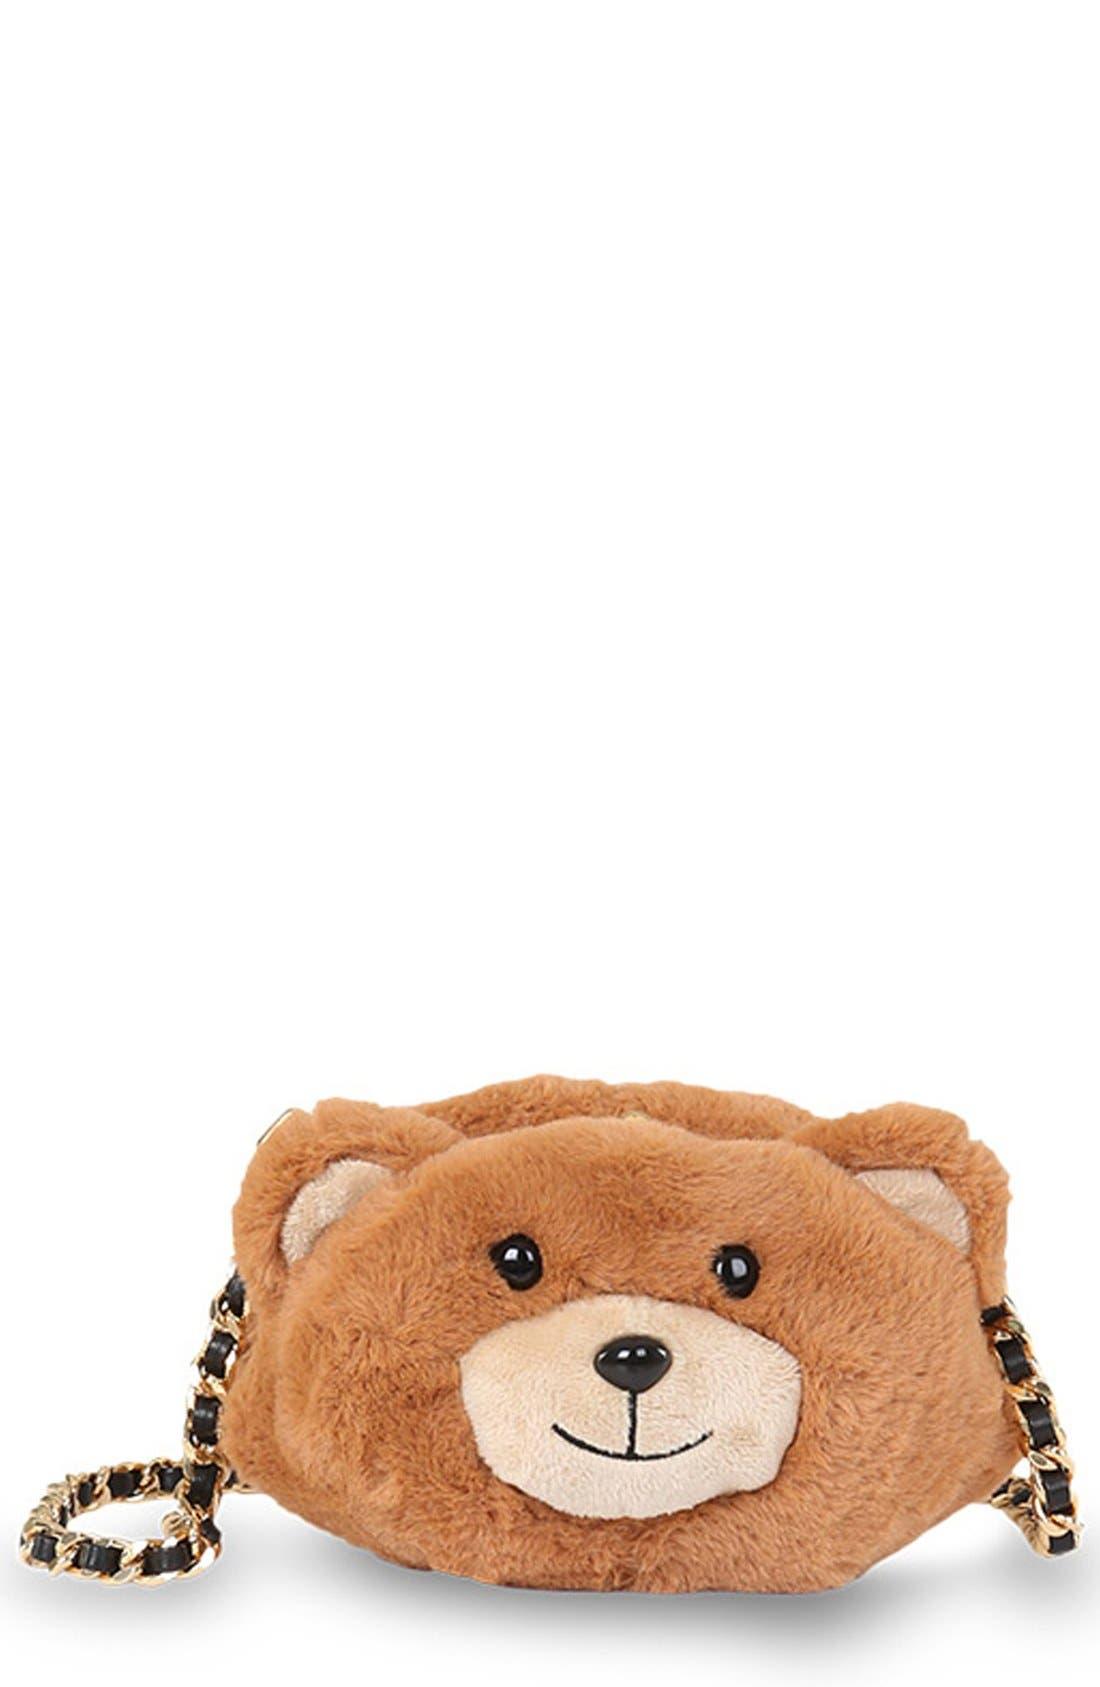 Teddy Bear Crossbody Bag,                             Main thumbnail 1, color,                             200